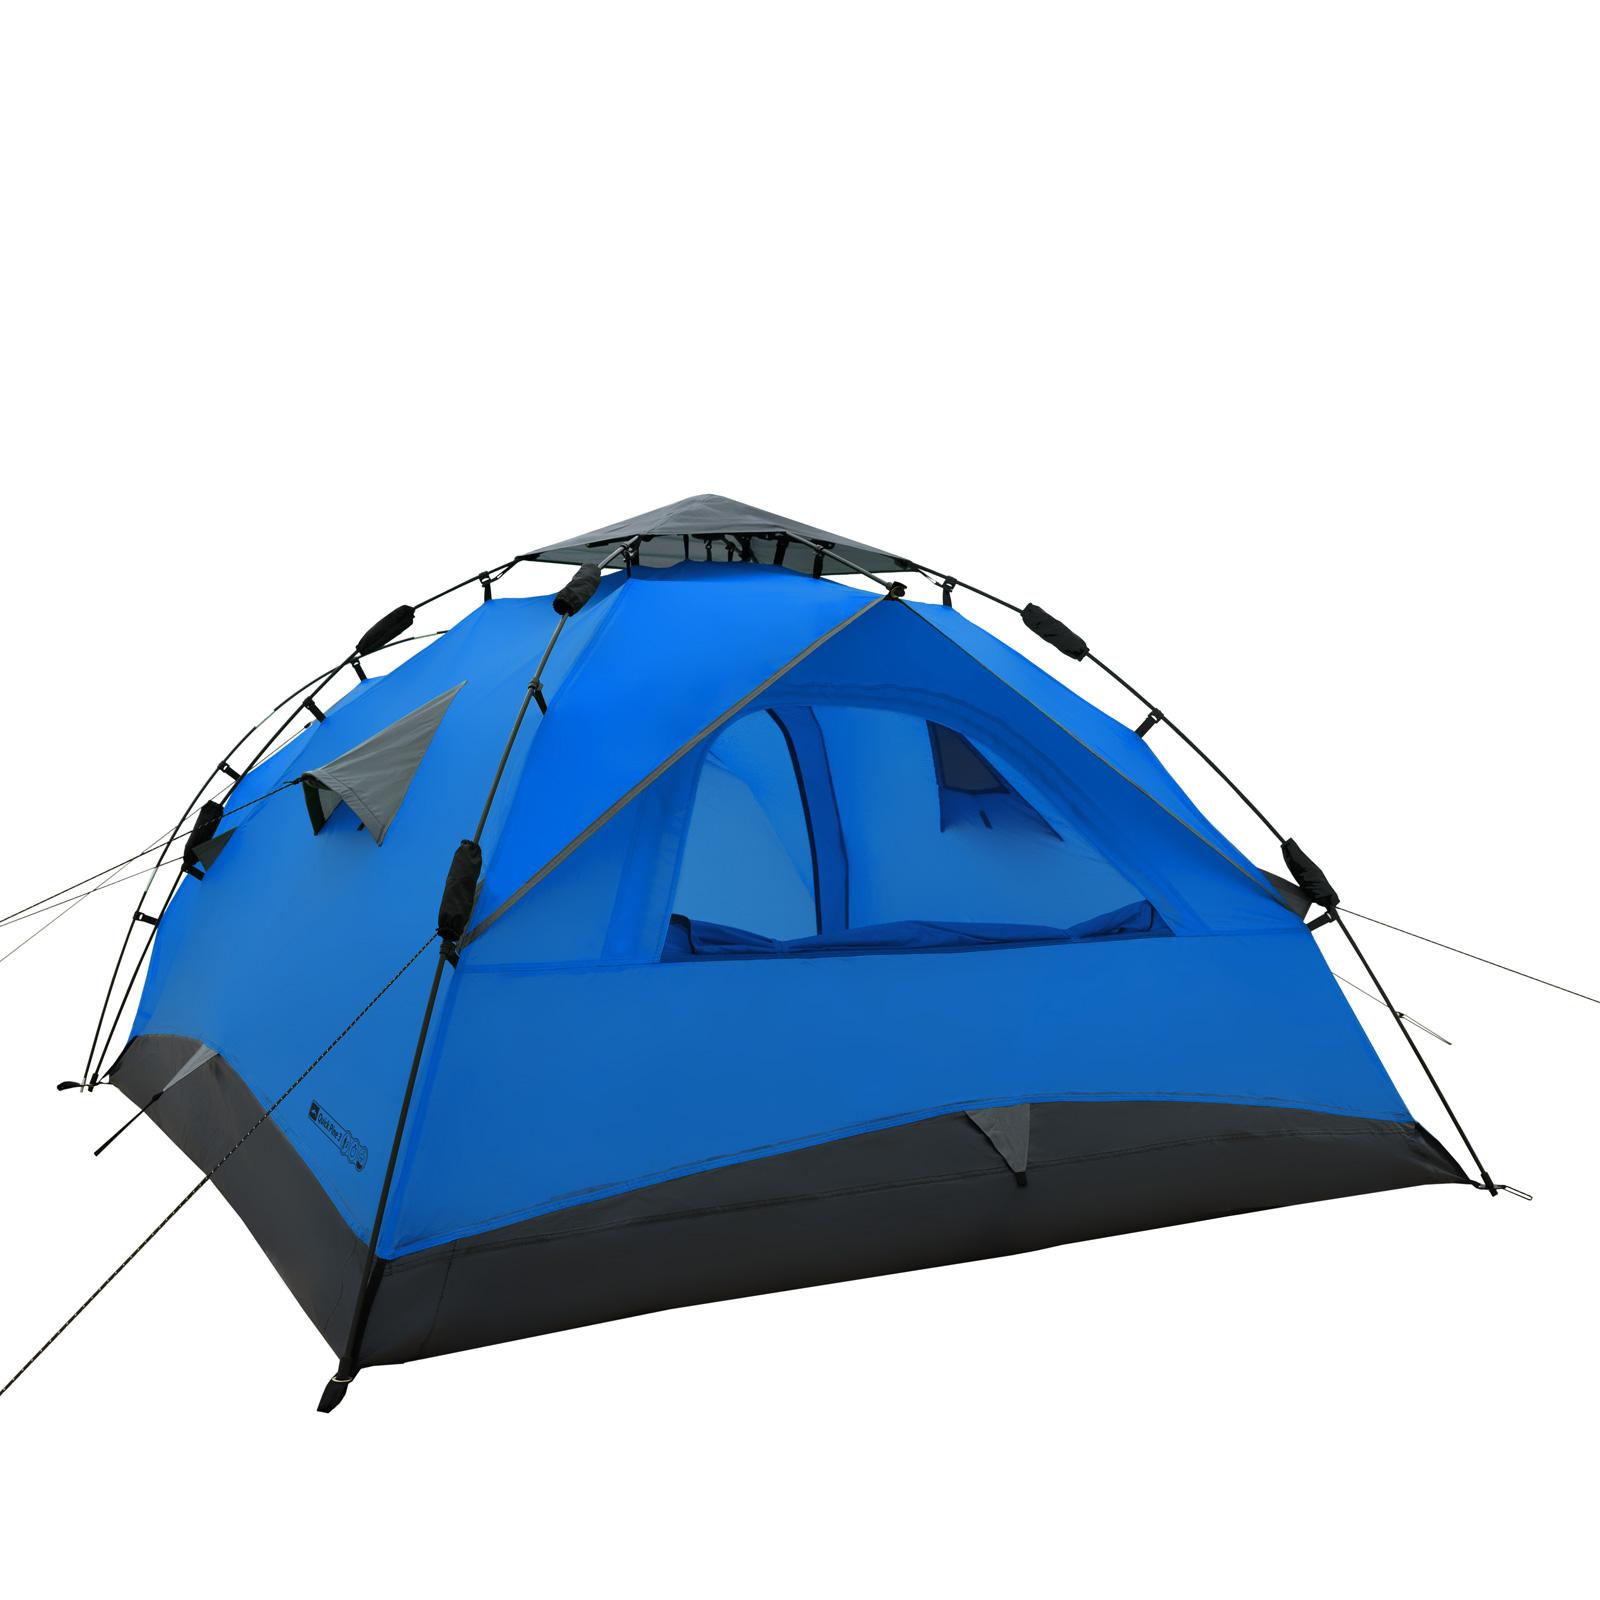 Qeedo Zelt 5 Personen : Sekundenzelt qeedo quick pine personen zelt campingzelt